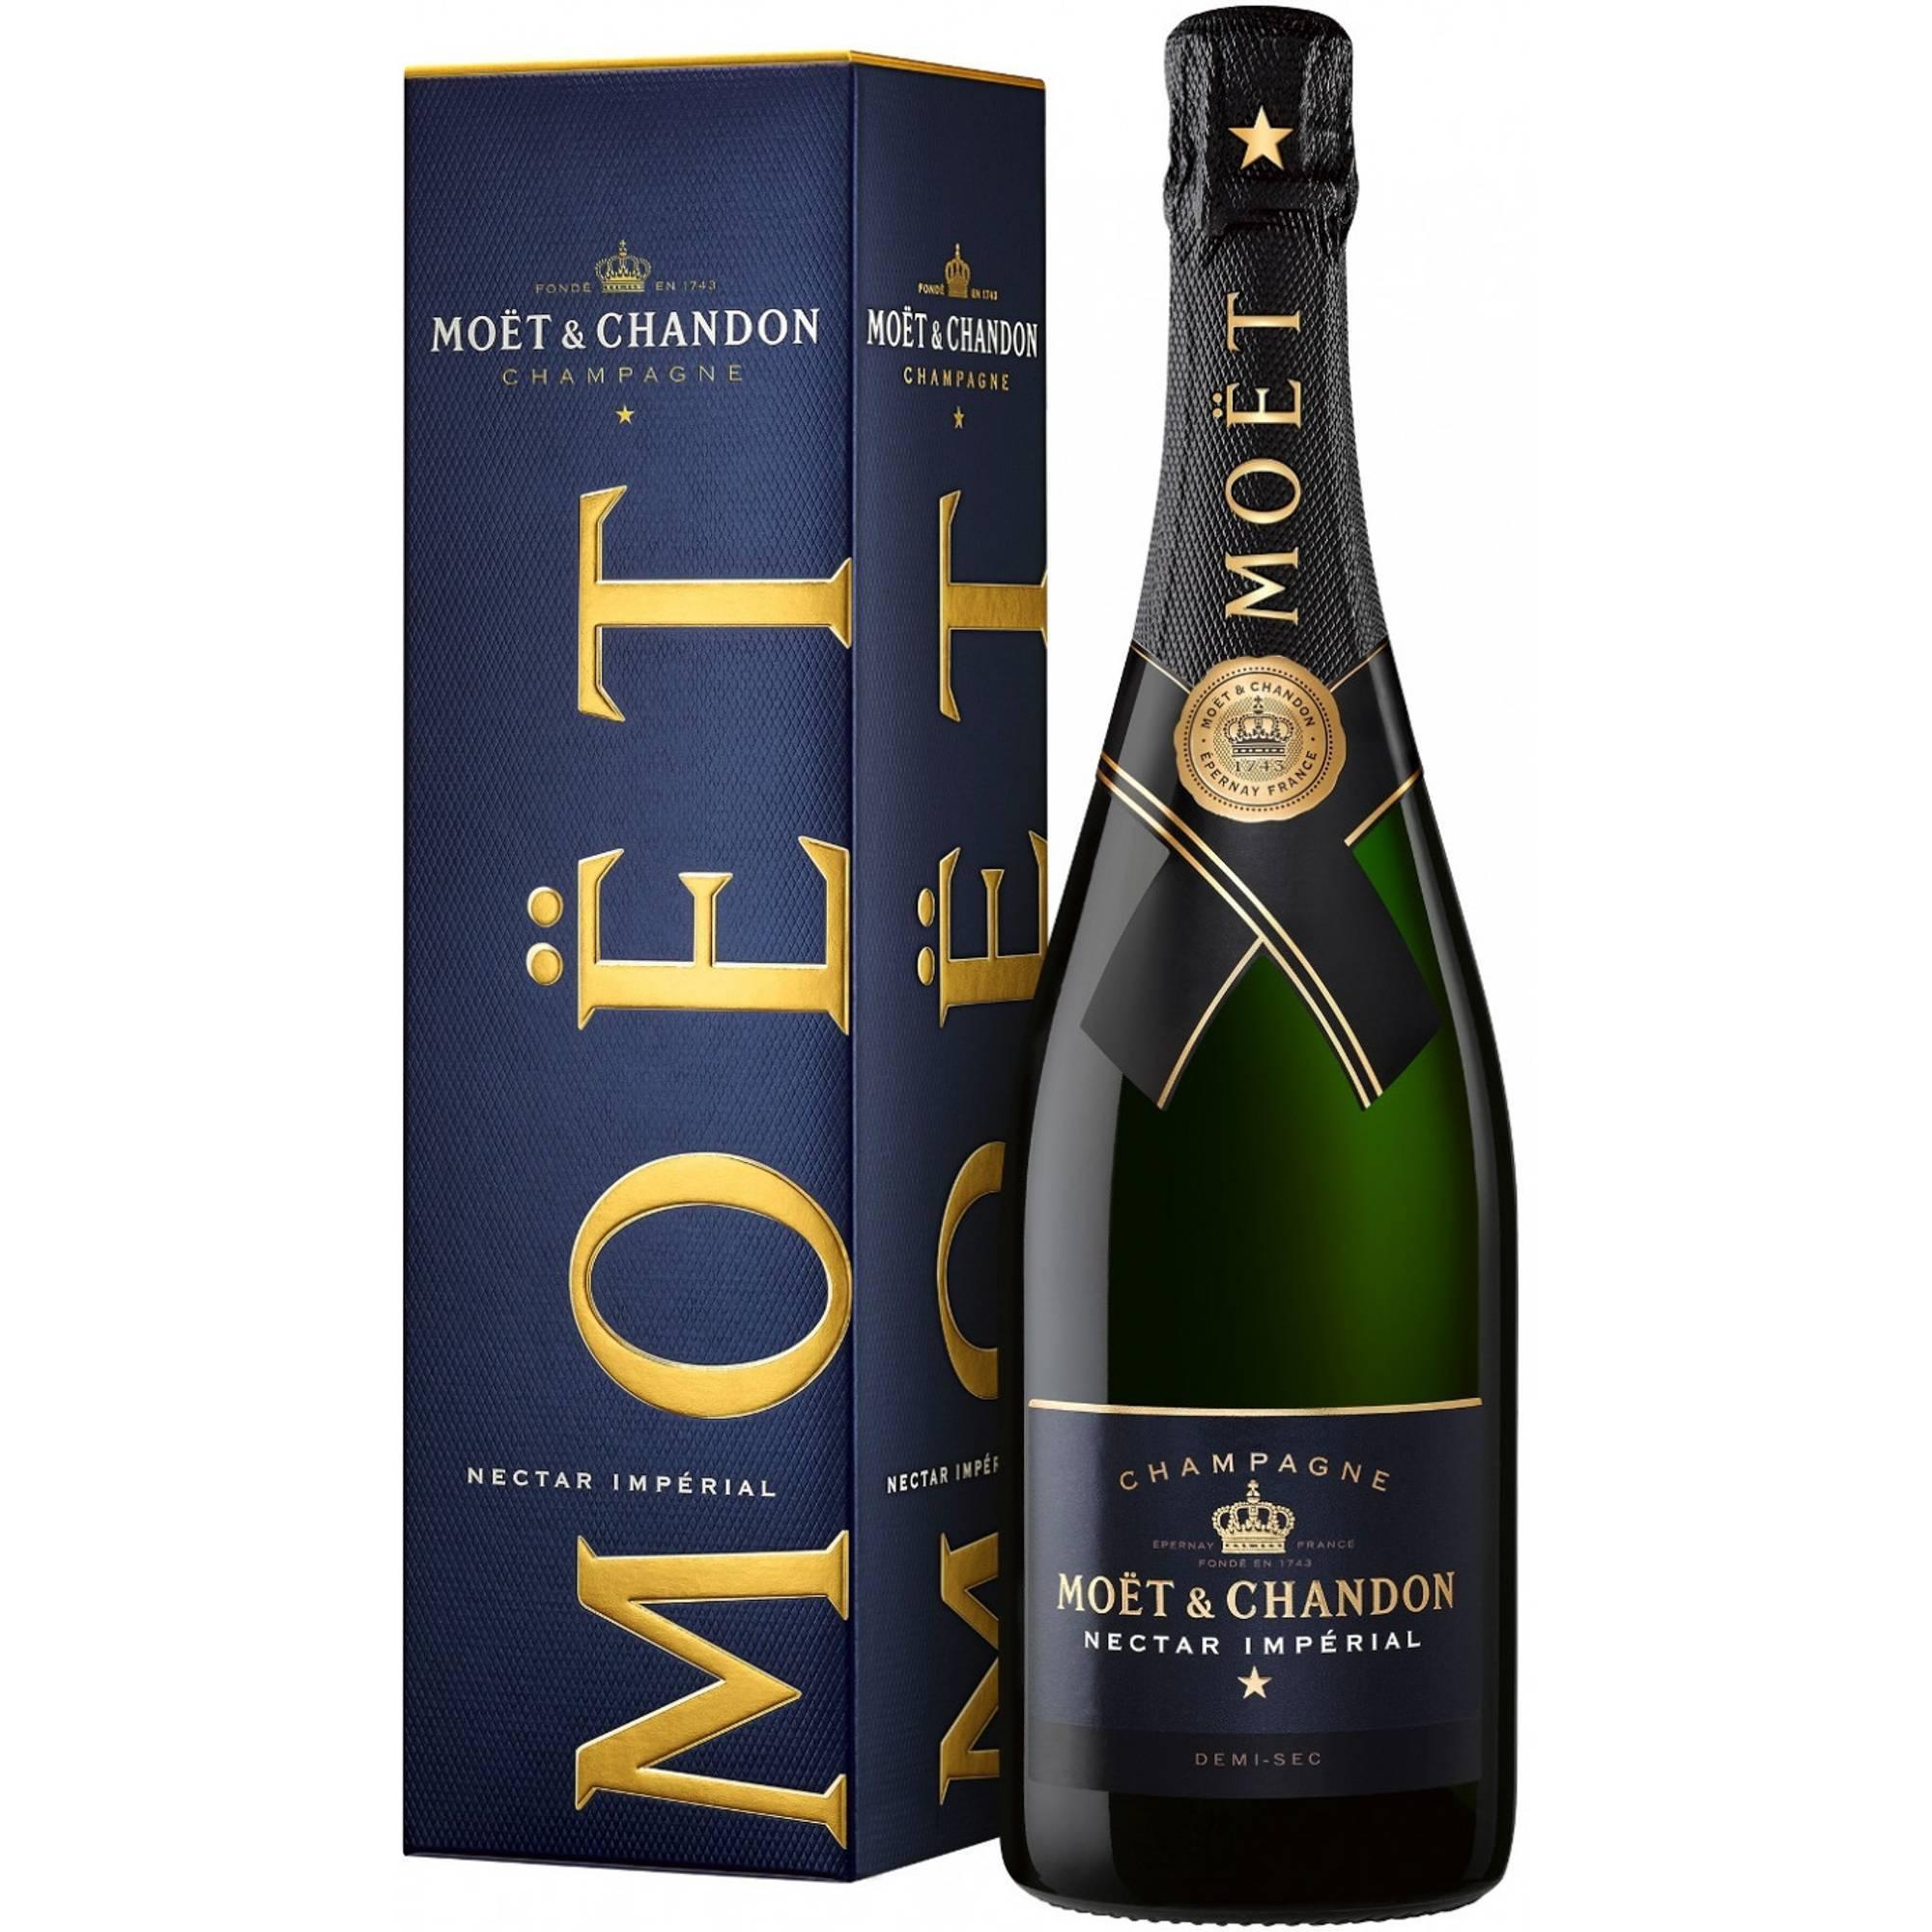 Какое вино называют «шампанским»? его вкус, аромат и крепость